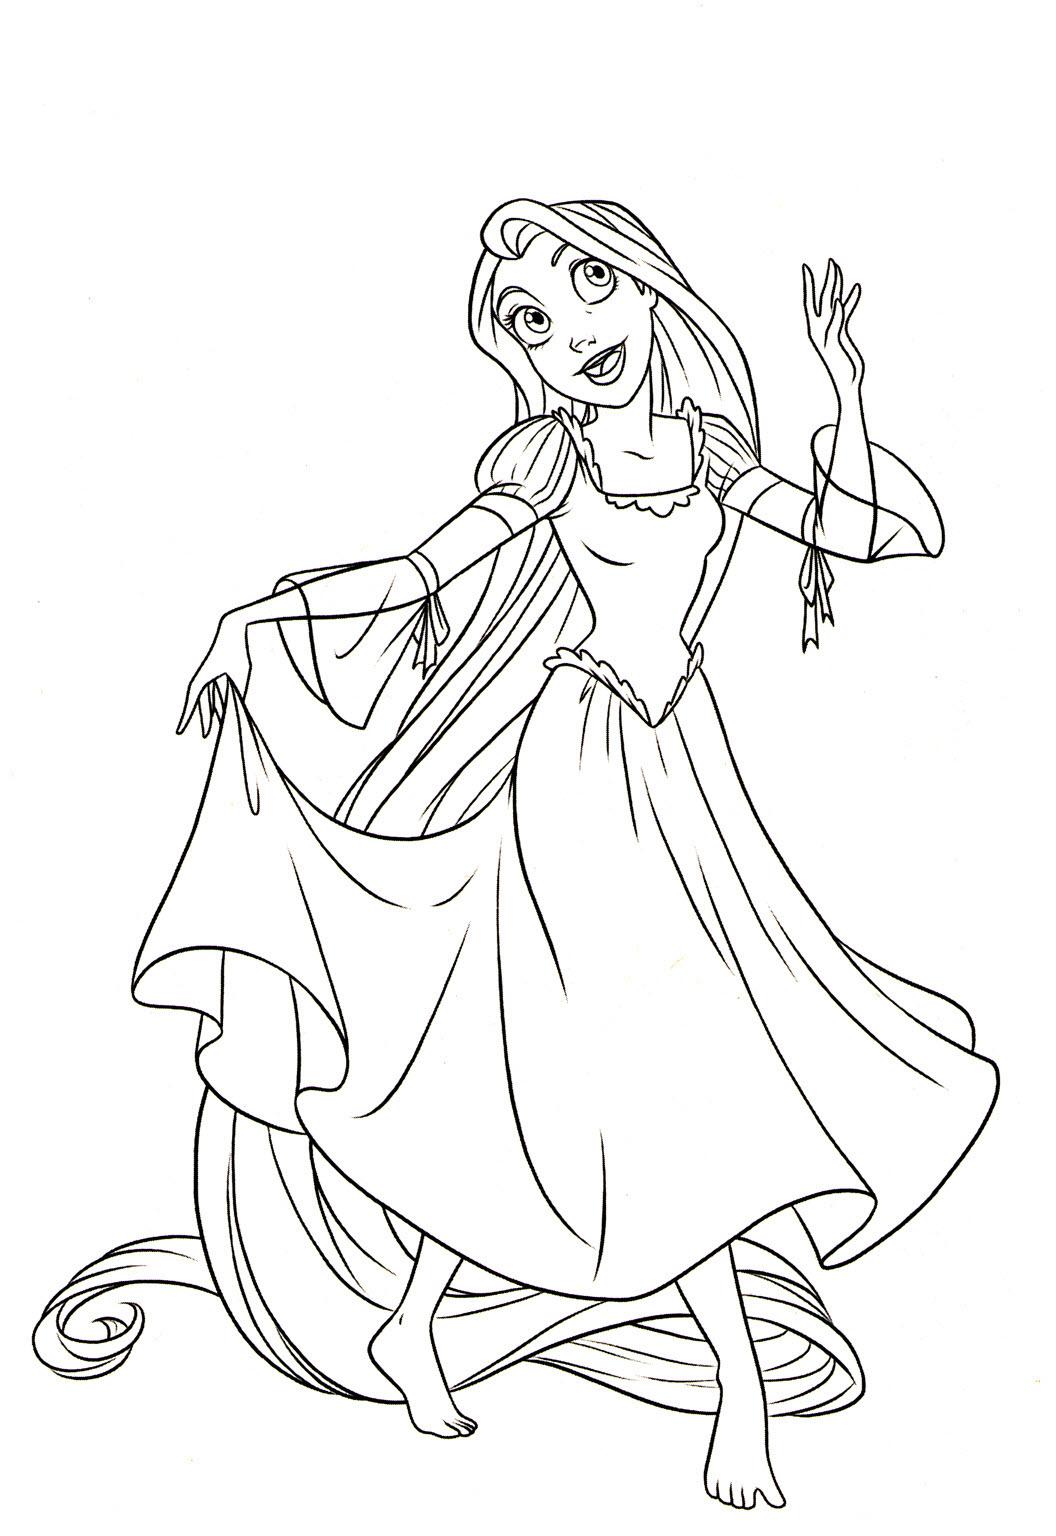 Tranh tô màu công chúa tóc mây đáng yêu